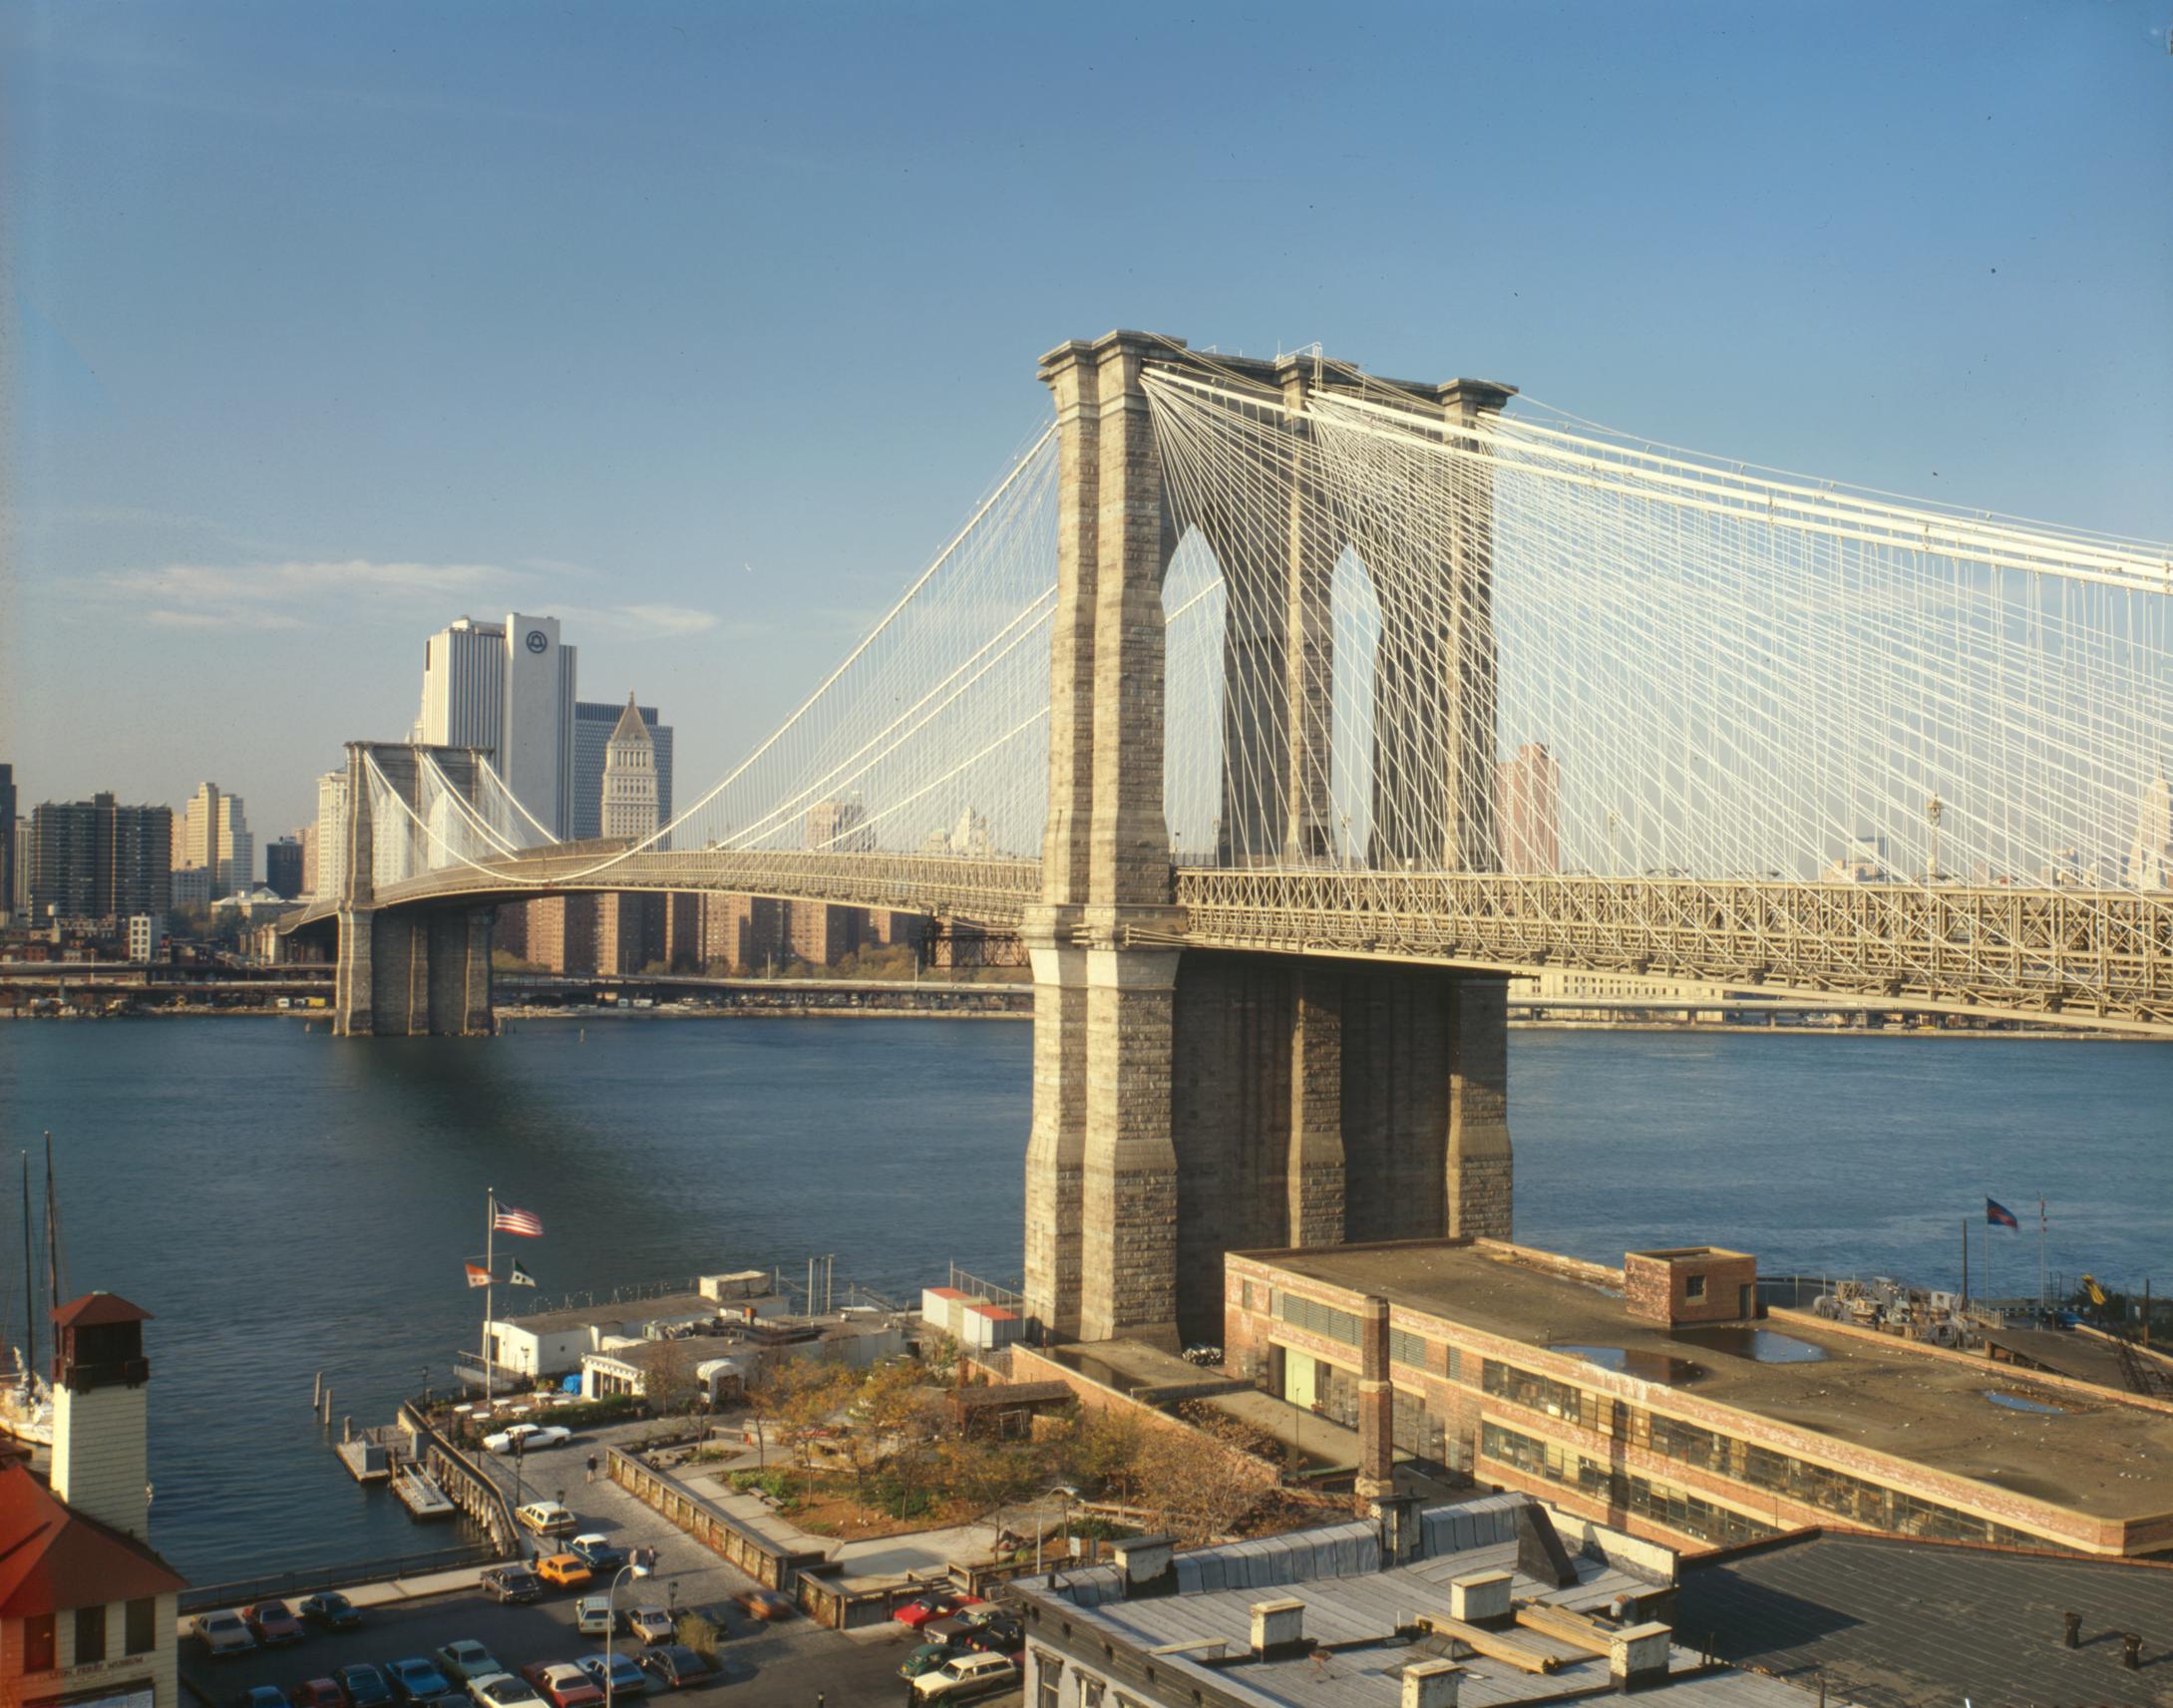 Depiction of Puente de Brooklyn